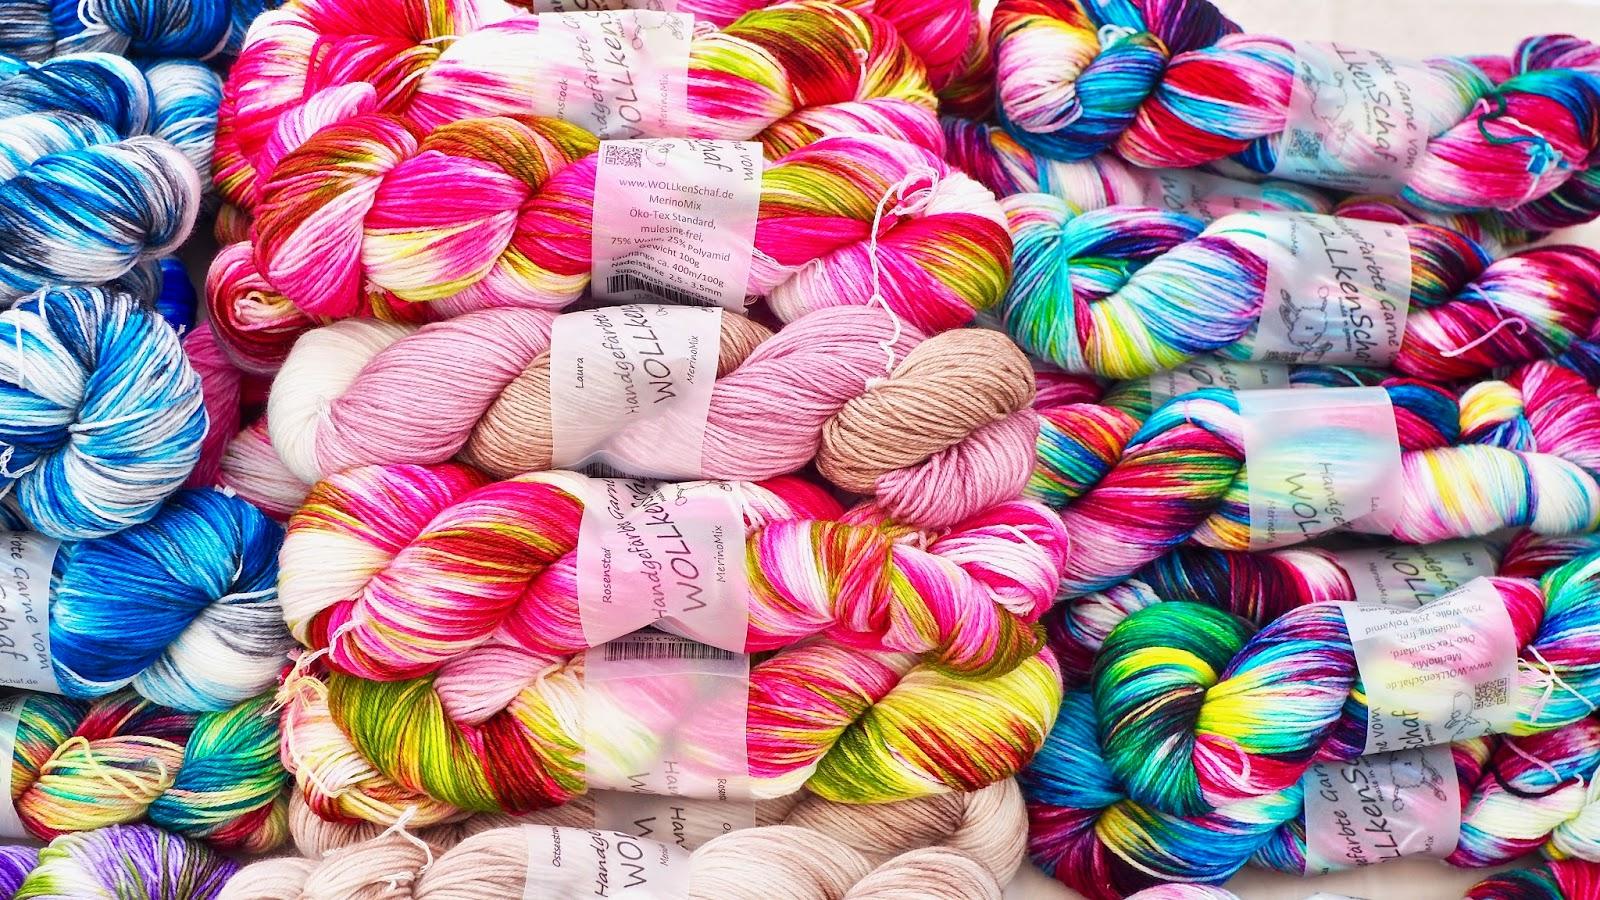 Handgefärbte Wolle vom Wollkenschaf